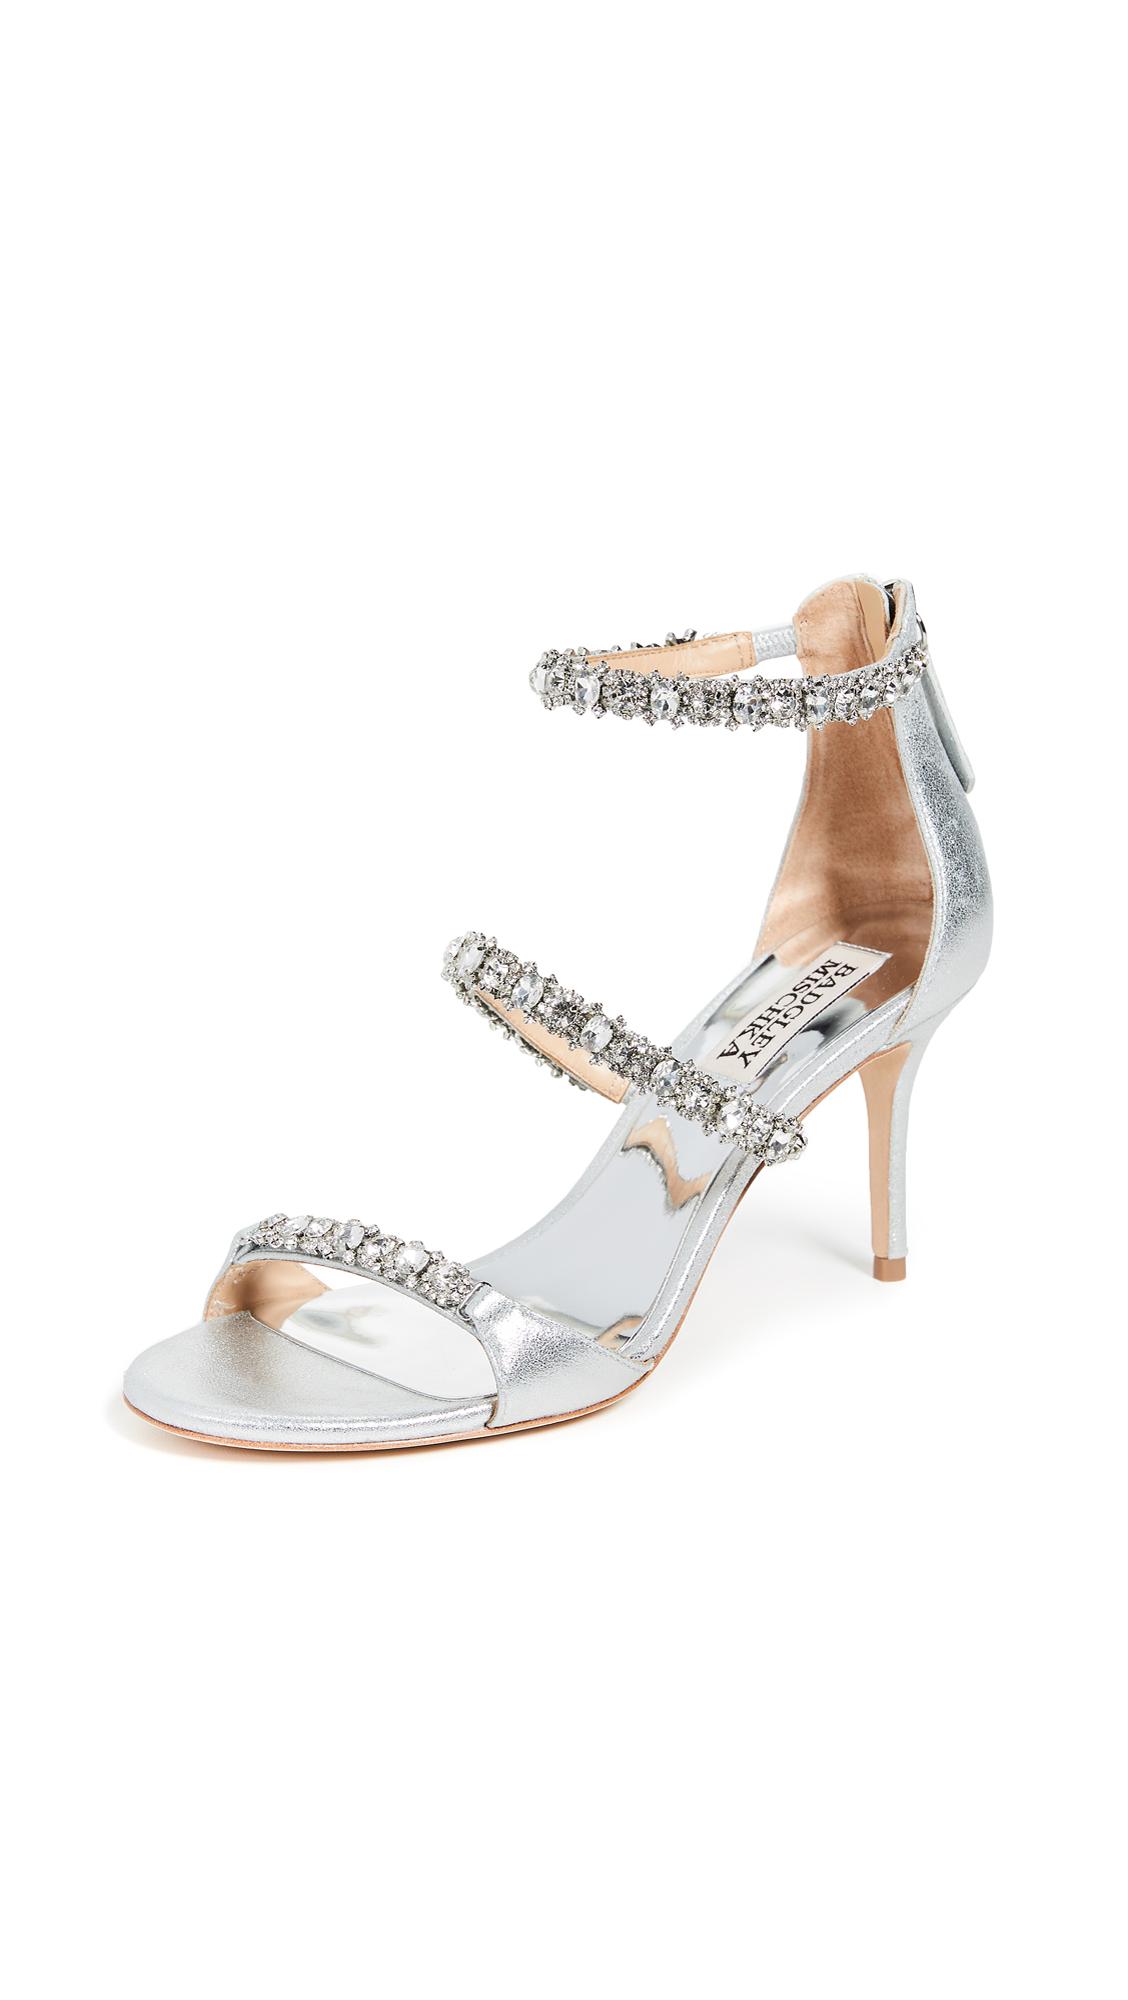 Badgley Mischka Yasmine Ankle Strap Sandals - Silver